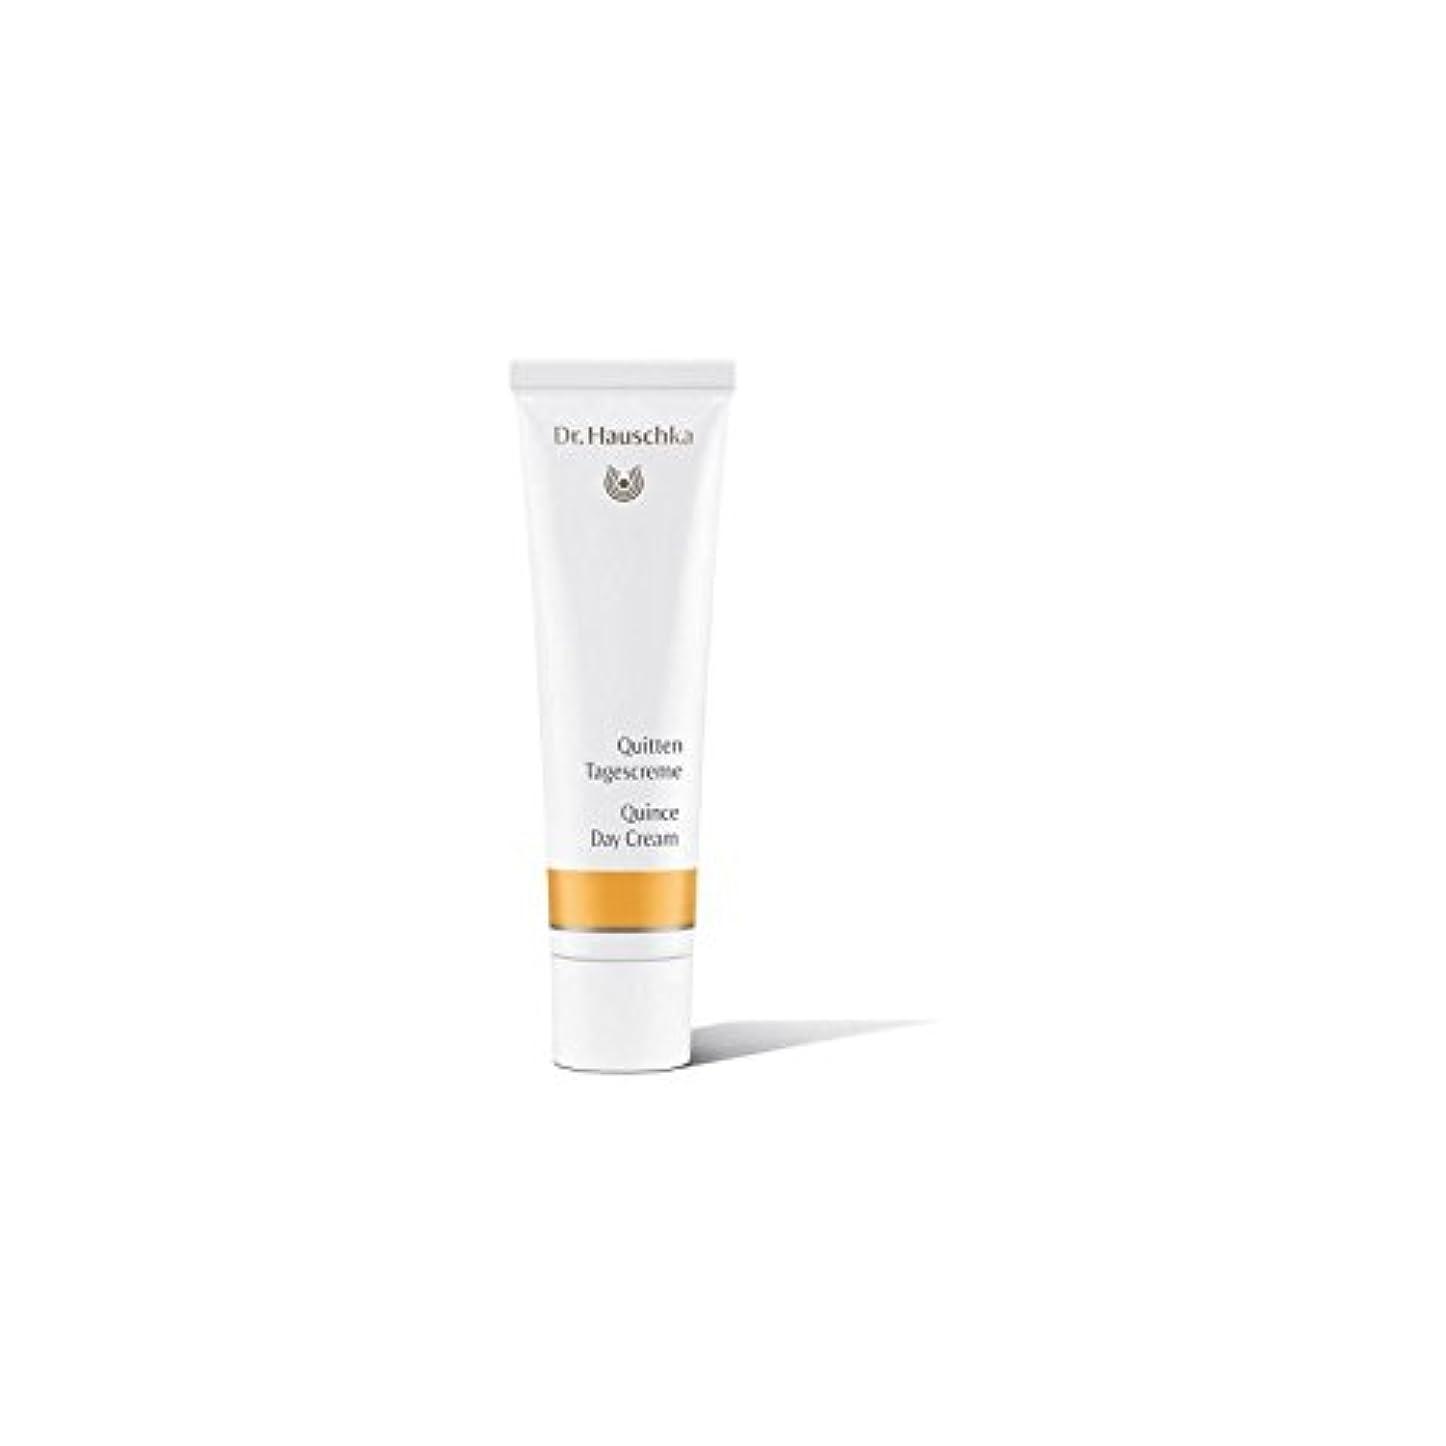 黙取り扱いのどDr. Hauschka Quince Day Cream 30ml (Pack of 6) - ハウシュカクインスデイクリーム30 x6 [並行輸入品]